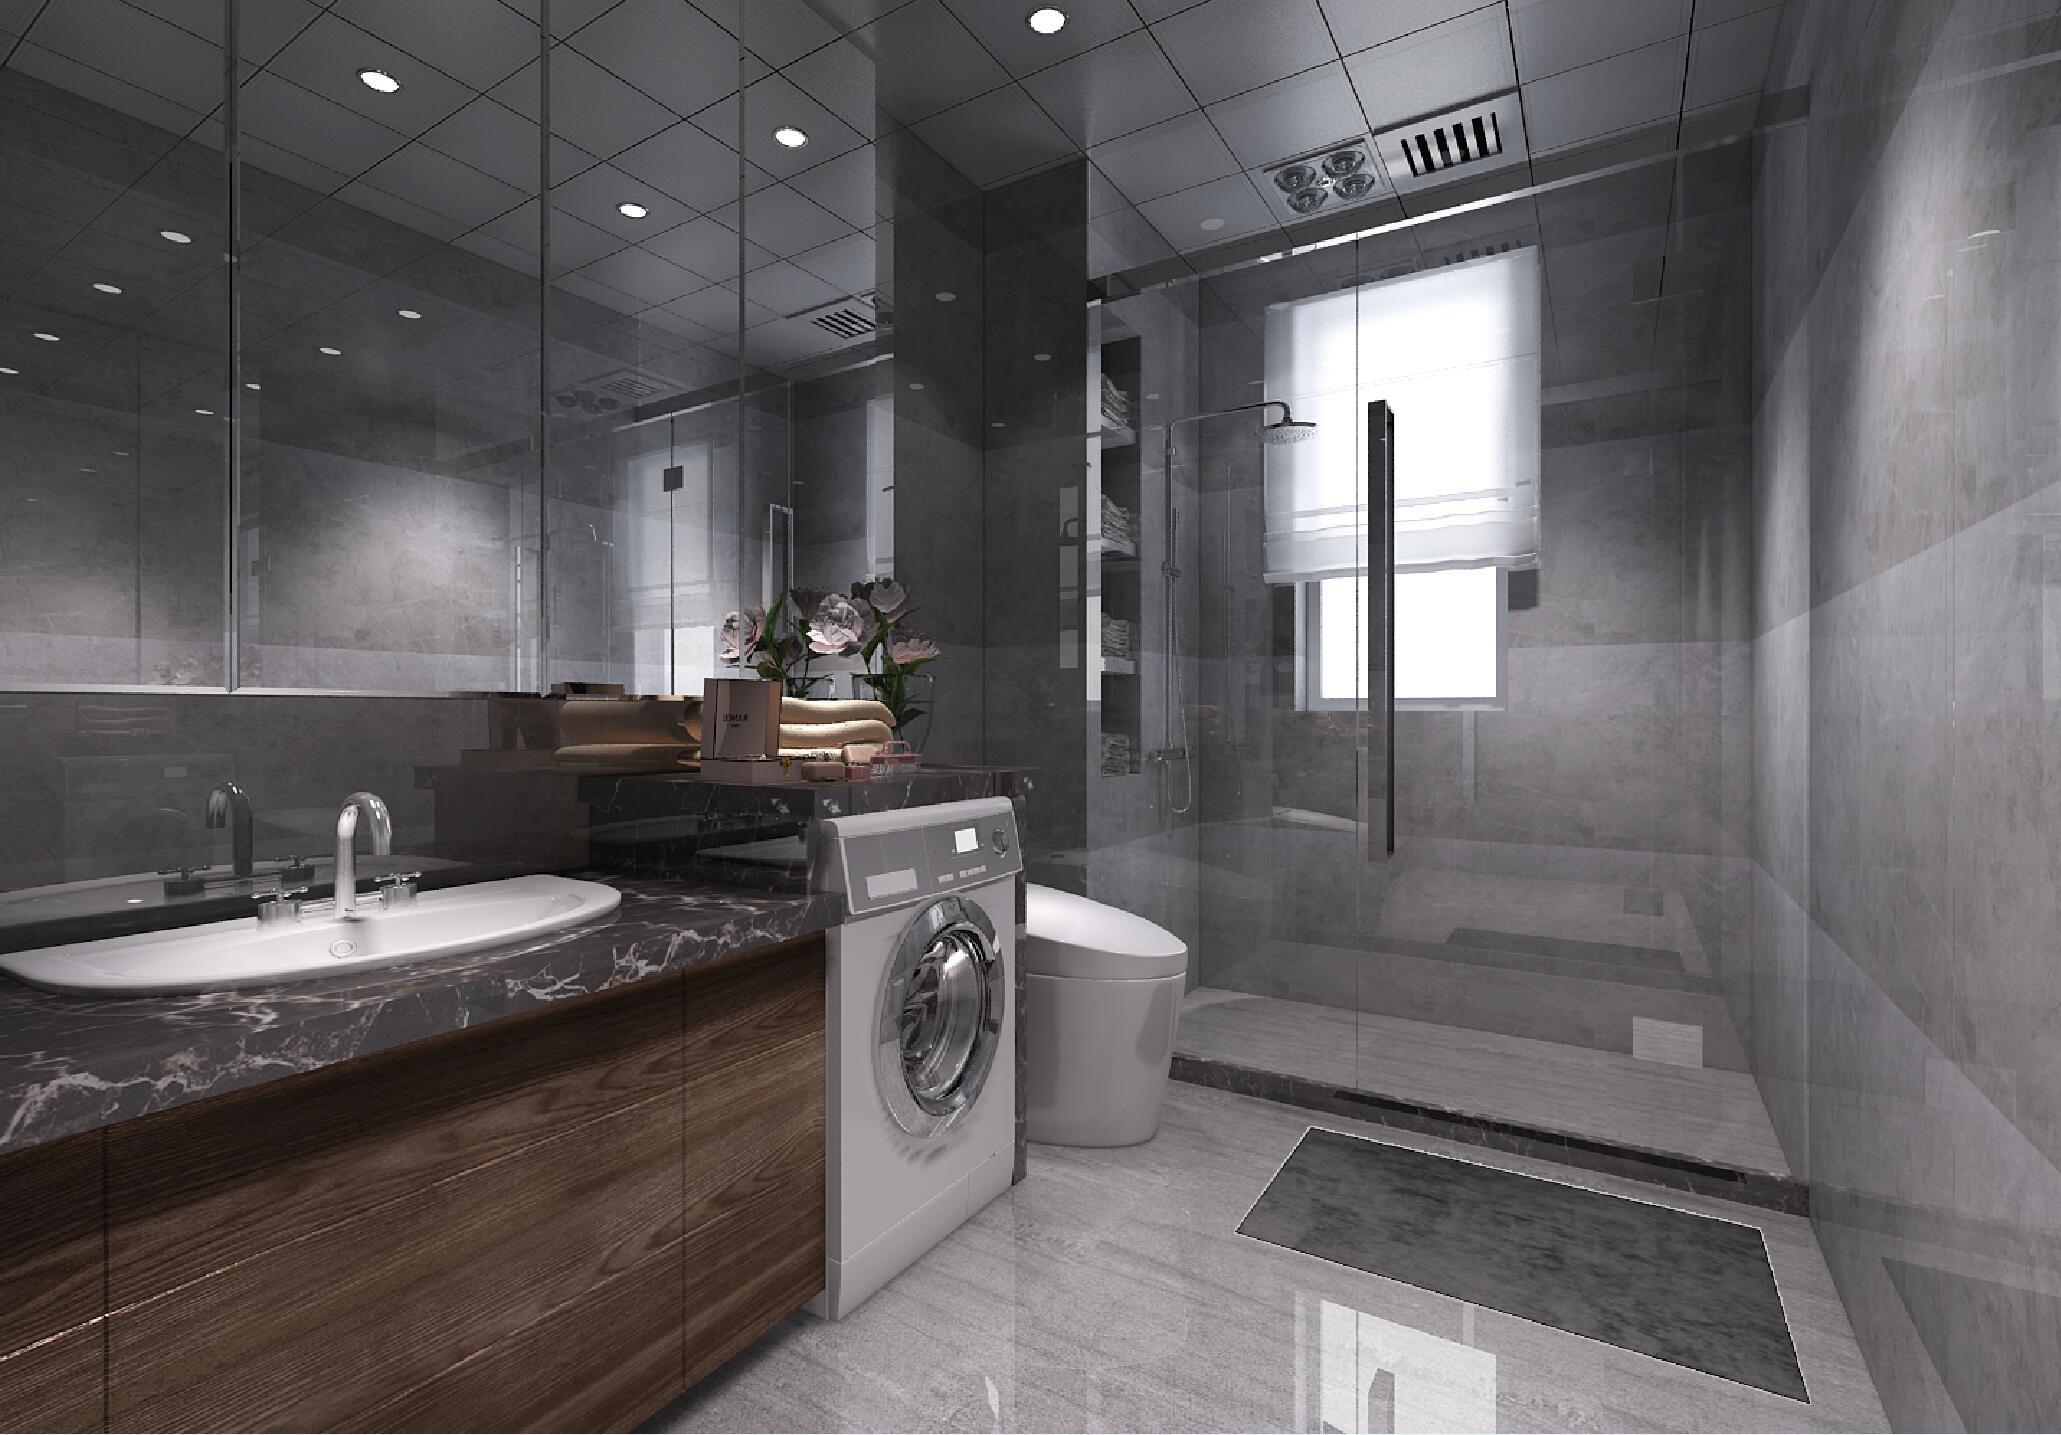 黑白灰调现代风格装修卫生间效果图